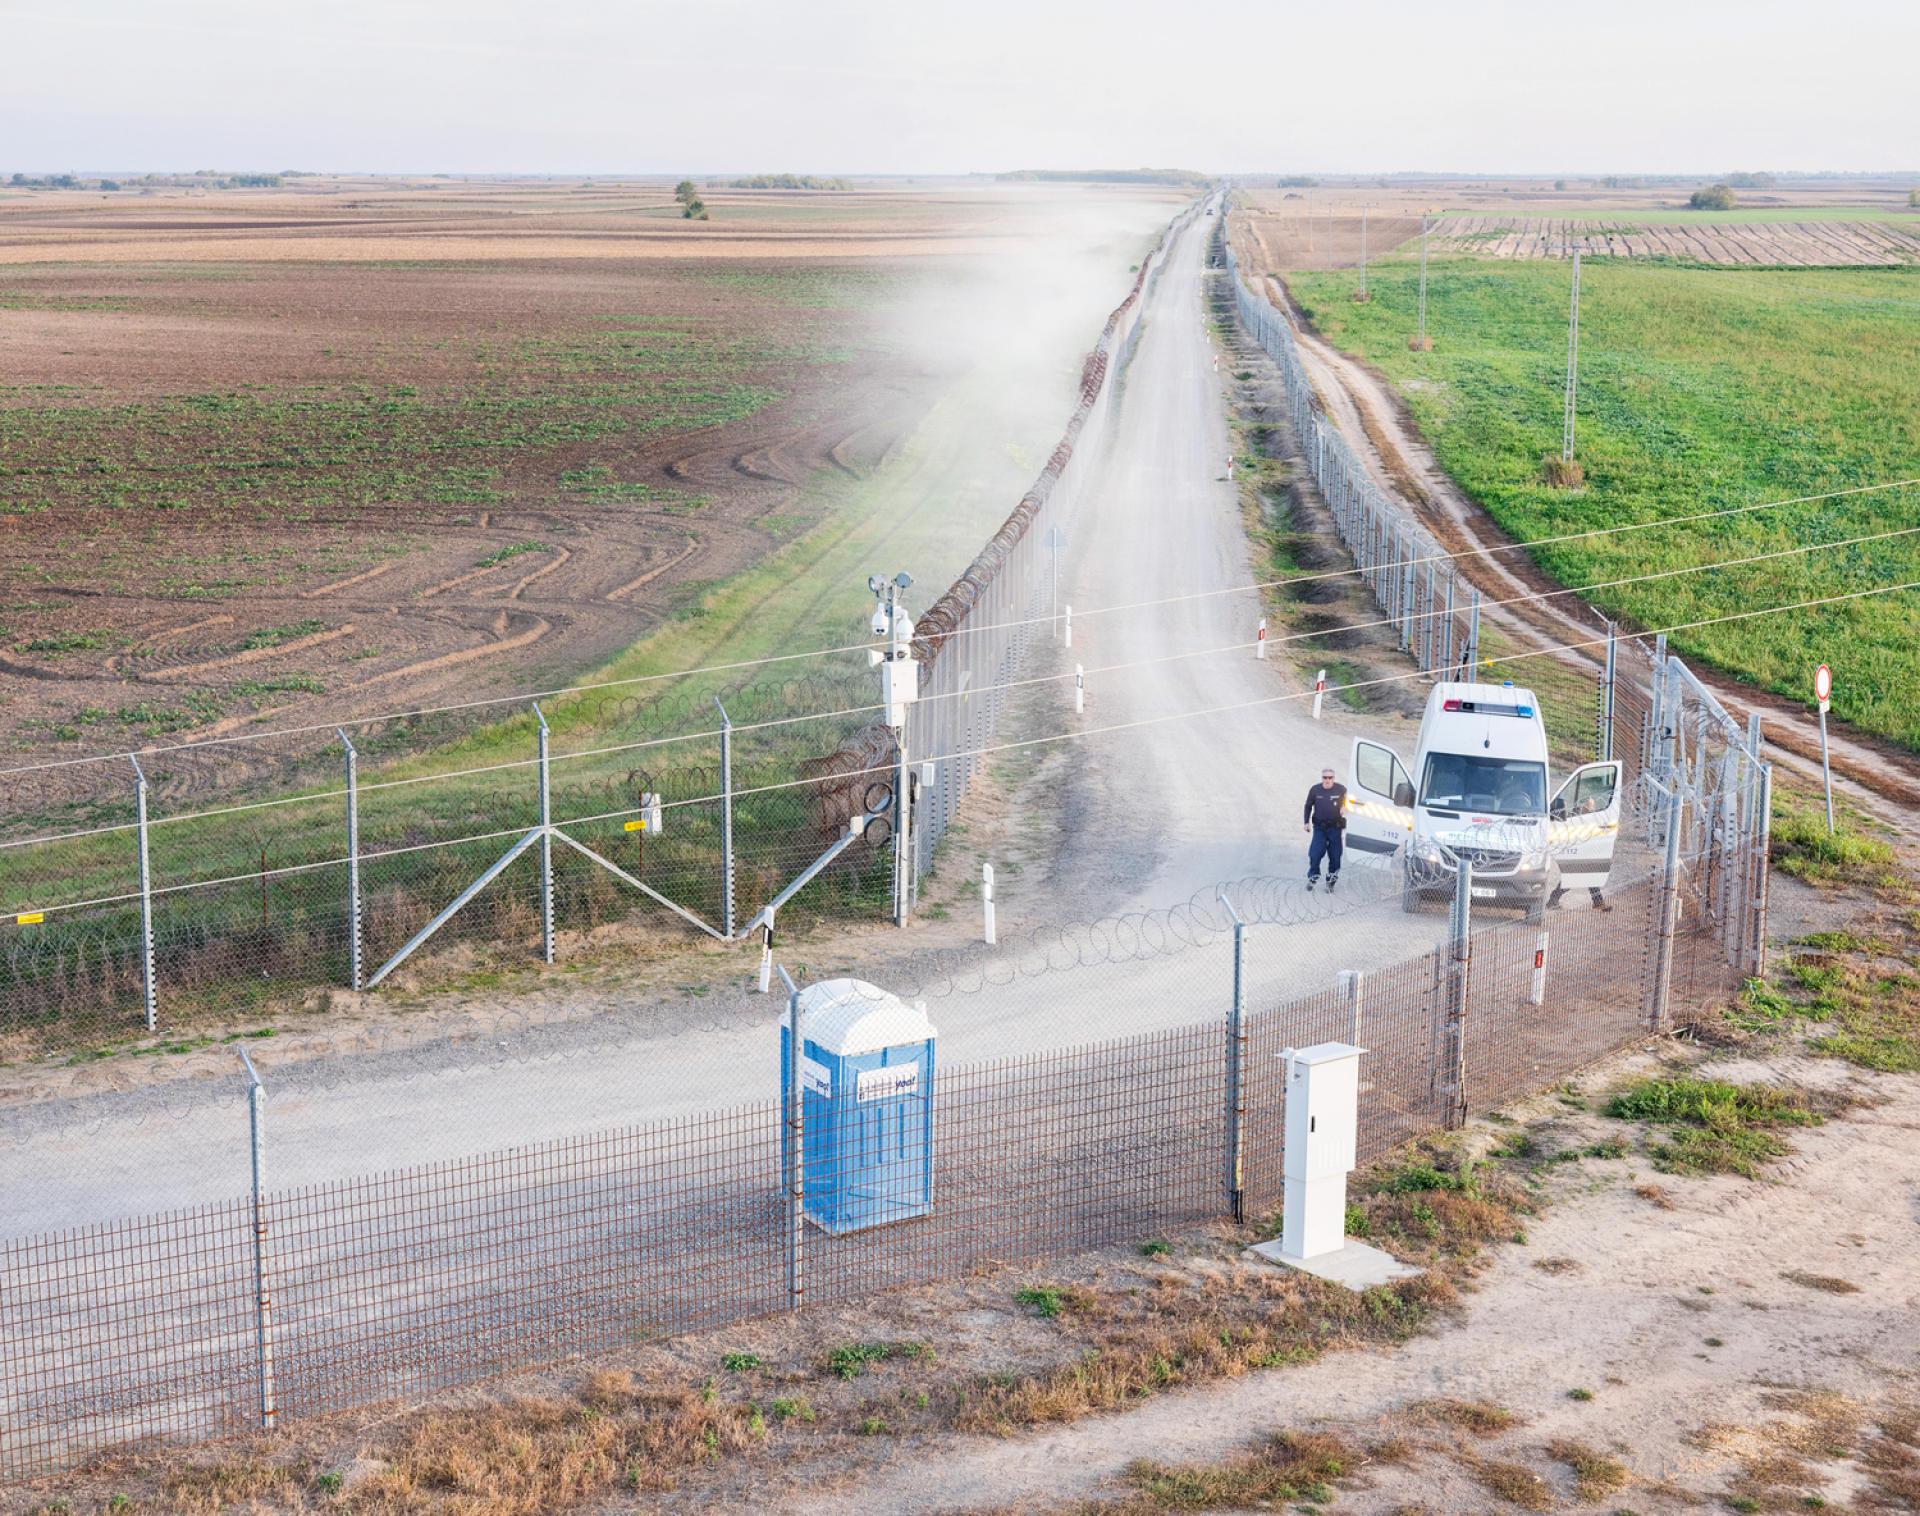 A Gara, la frontière entre Hongrie et Serbie.